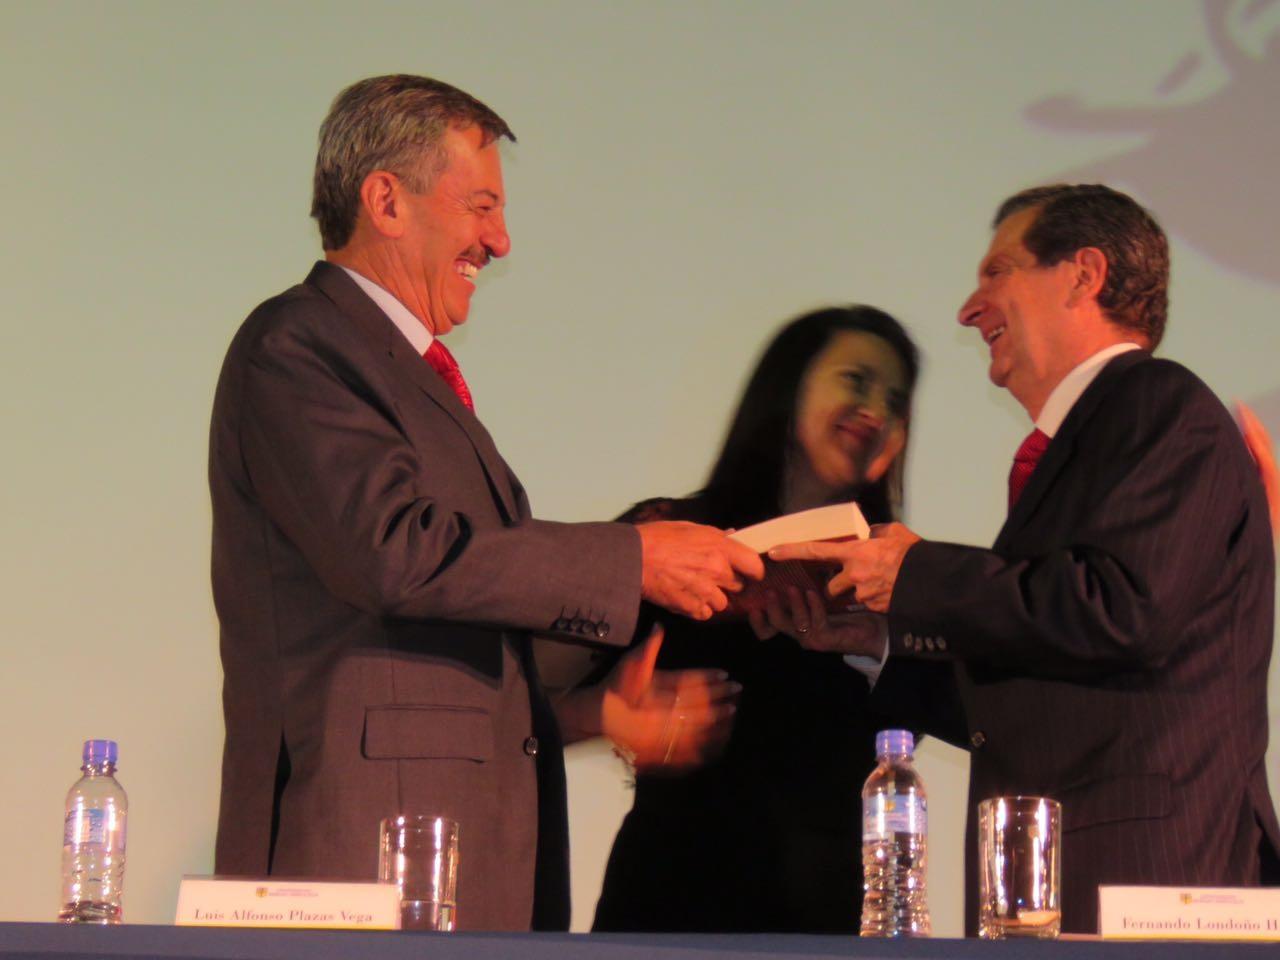 Alfonso Plazas Vega y Fernando Londoño